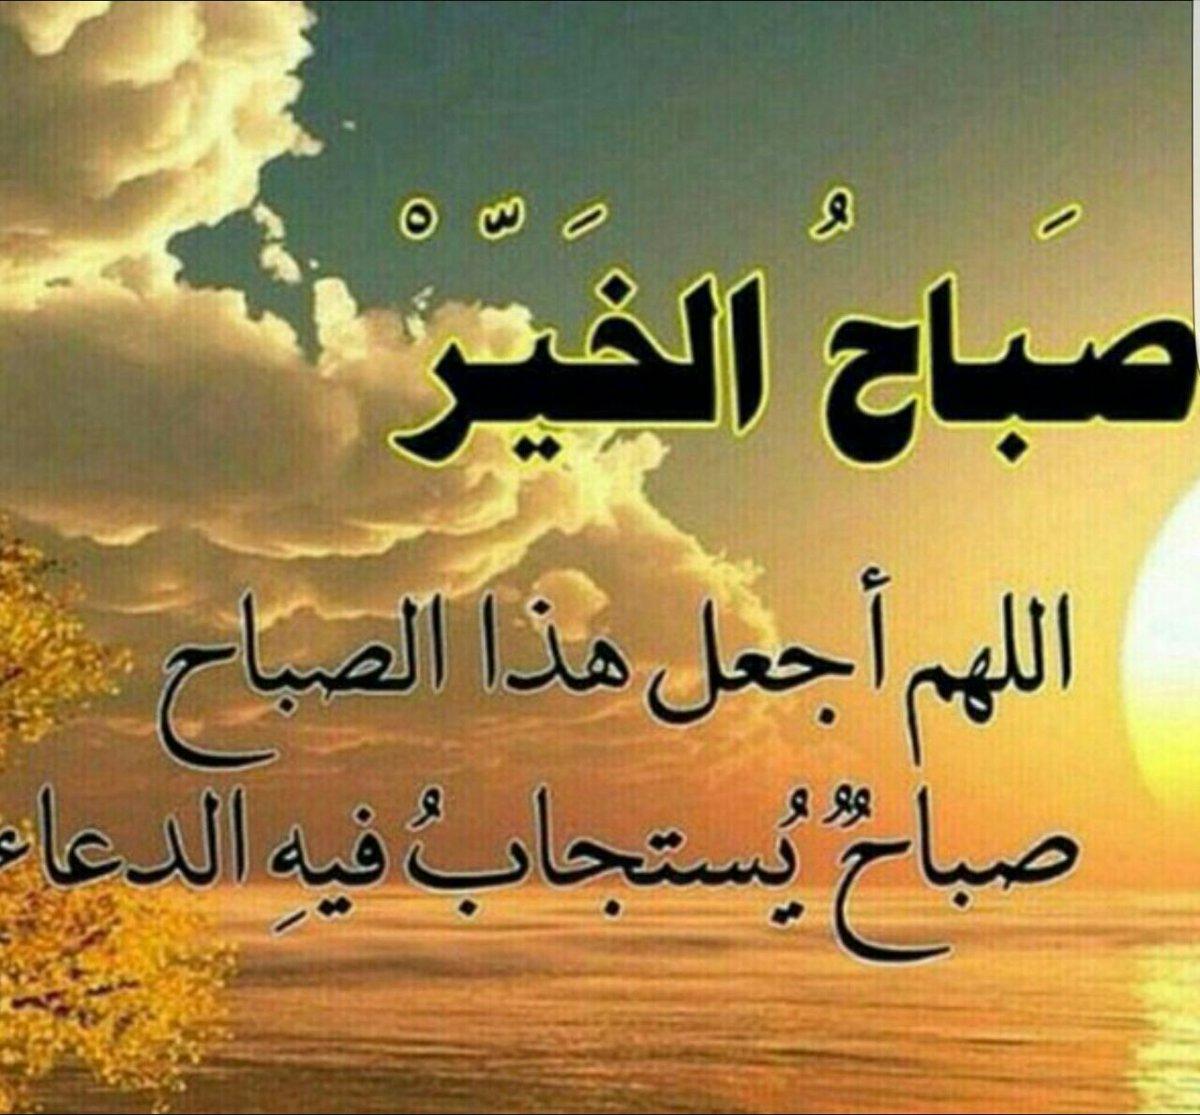 صورة دعاء مساء الخير , ادعيه مسائيه متنوعه